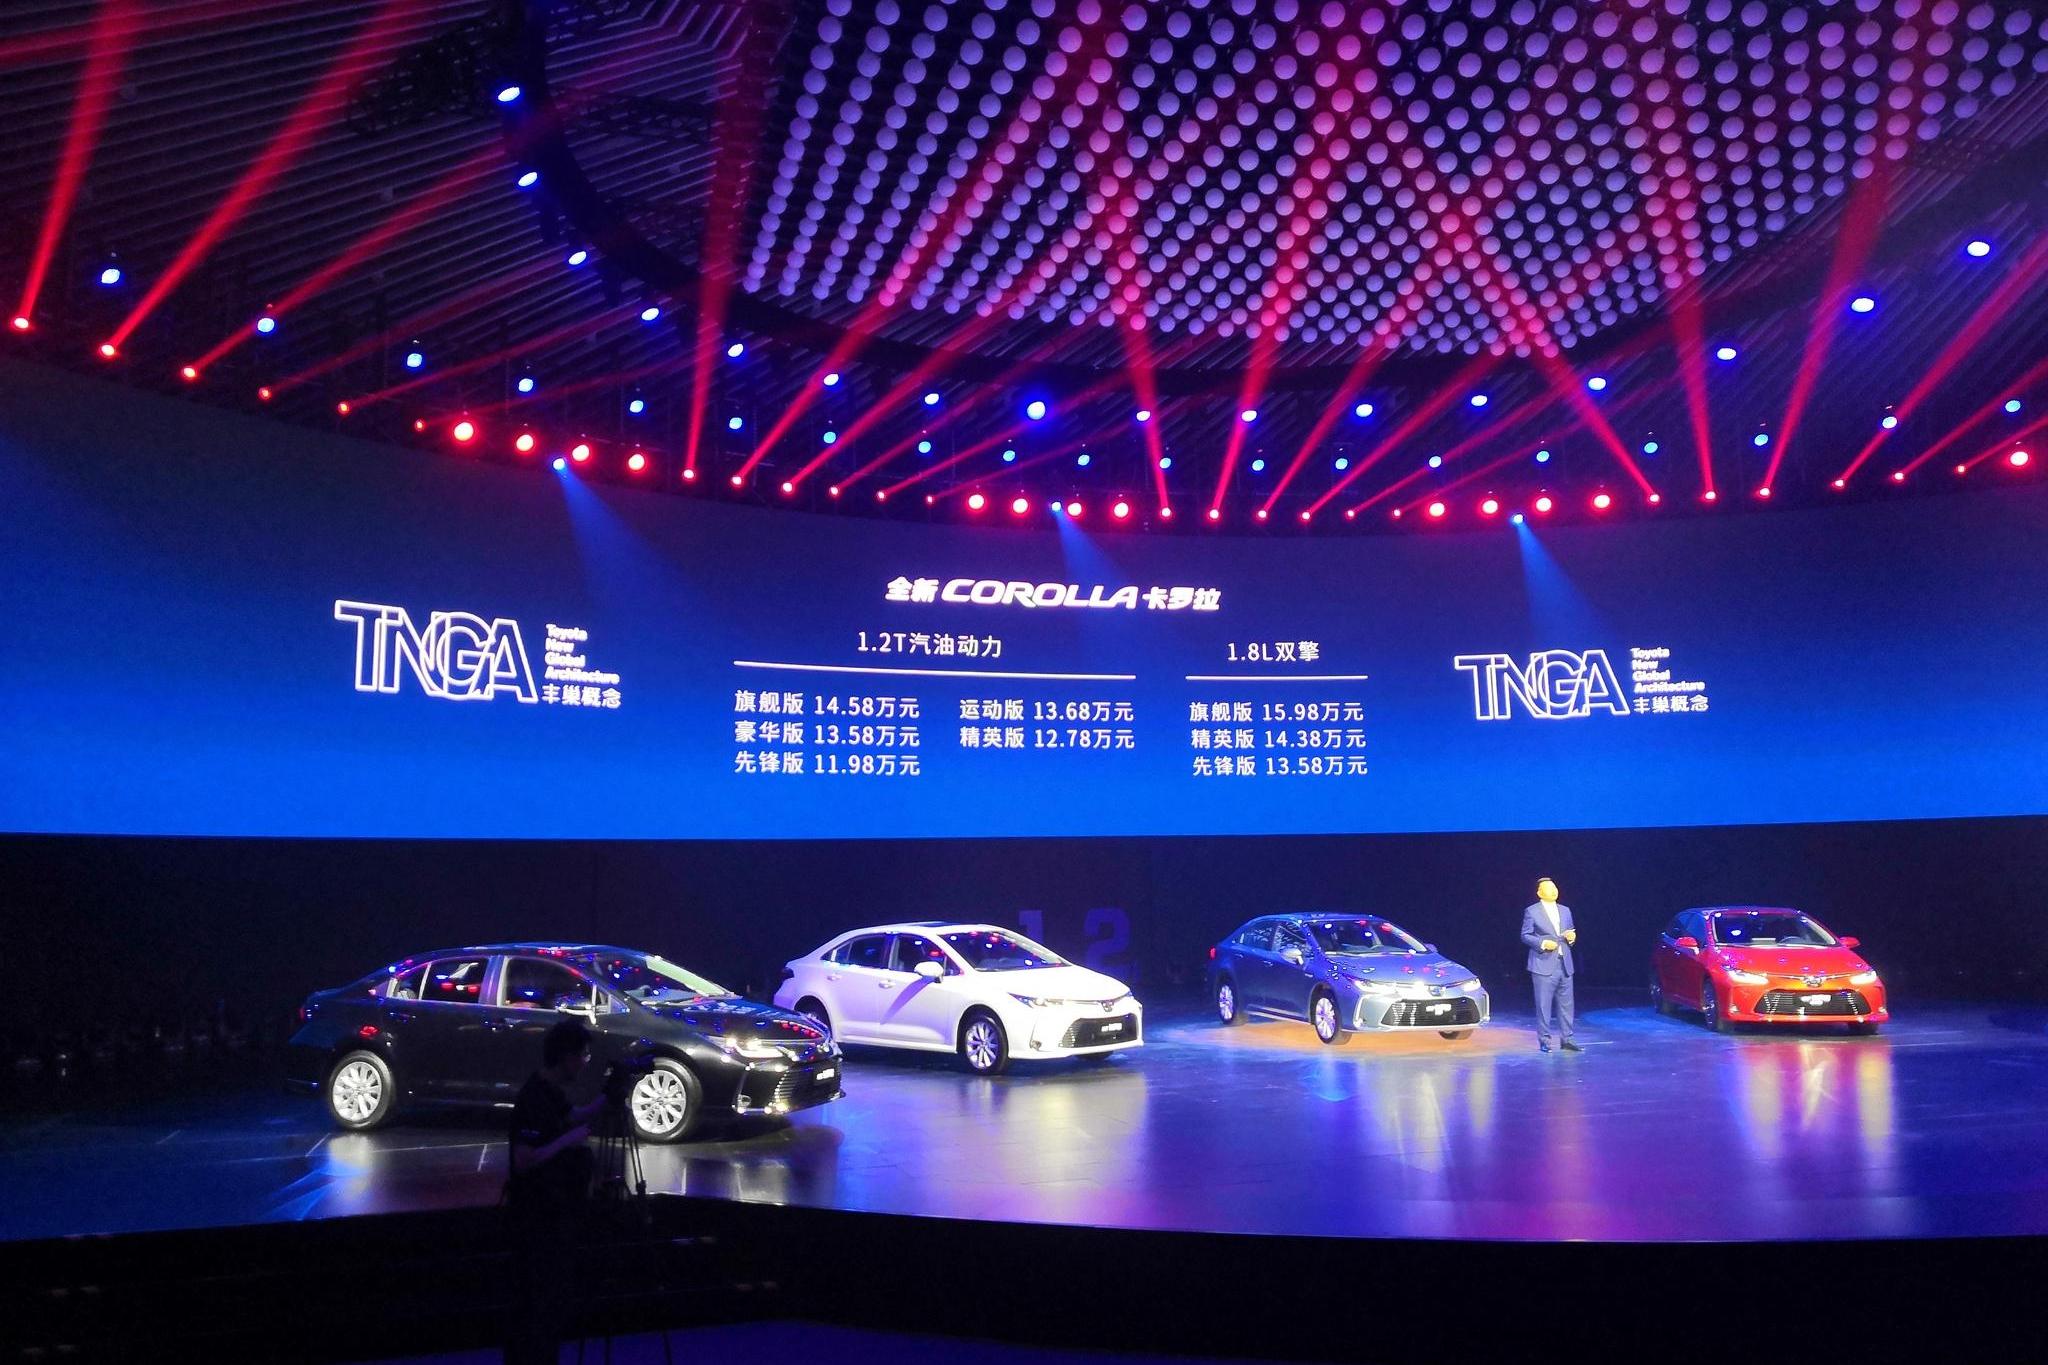 神车卡罗拉中国大换代   只能成功的车型